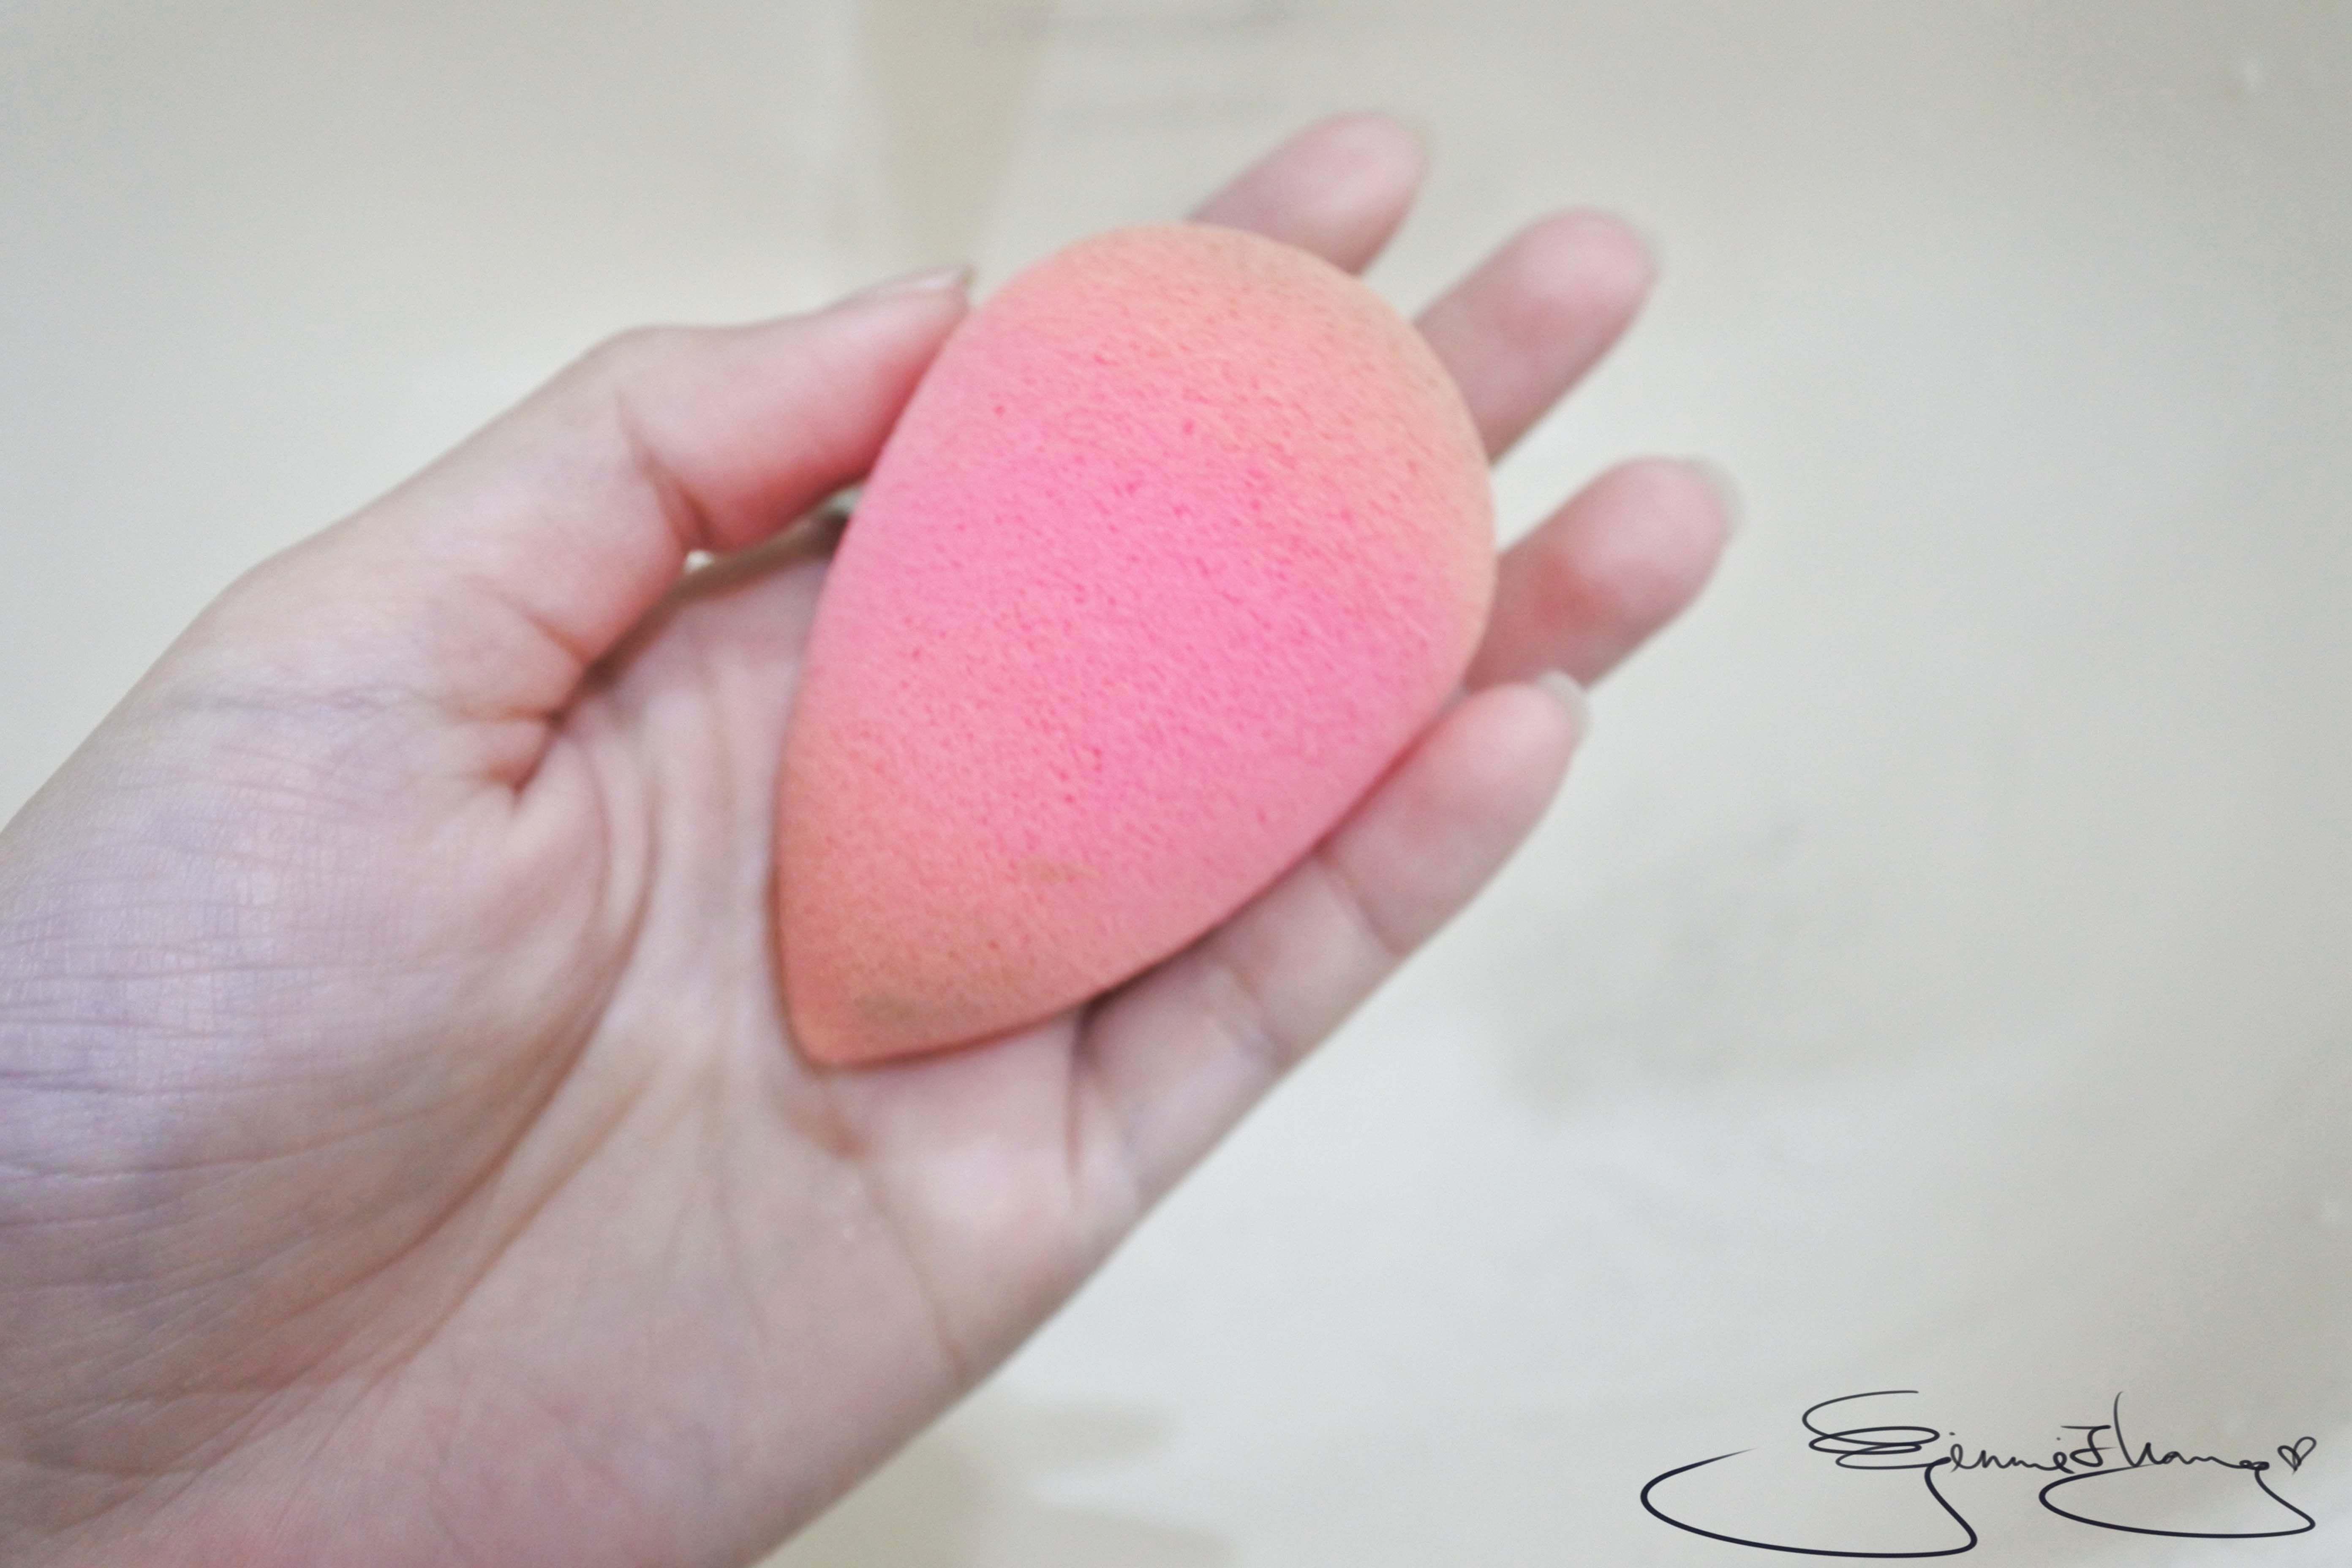 芳澄 美妝刷具海綿清潔液 beautyblender清潔 bb蛋清潔 美妝蛋清潔